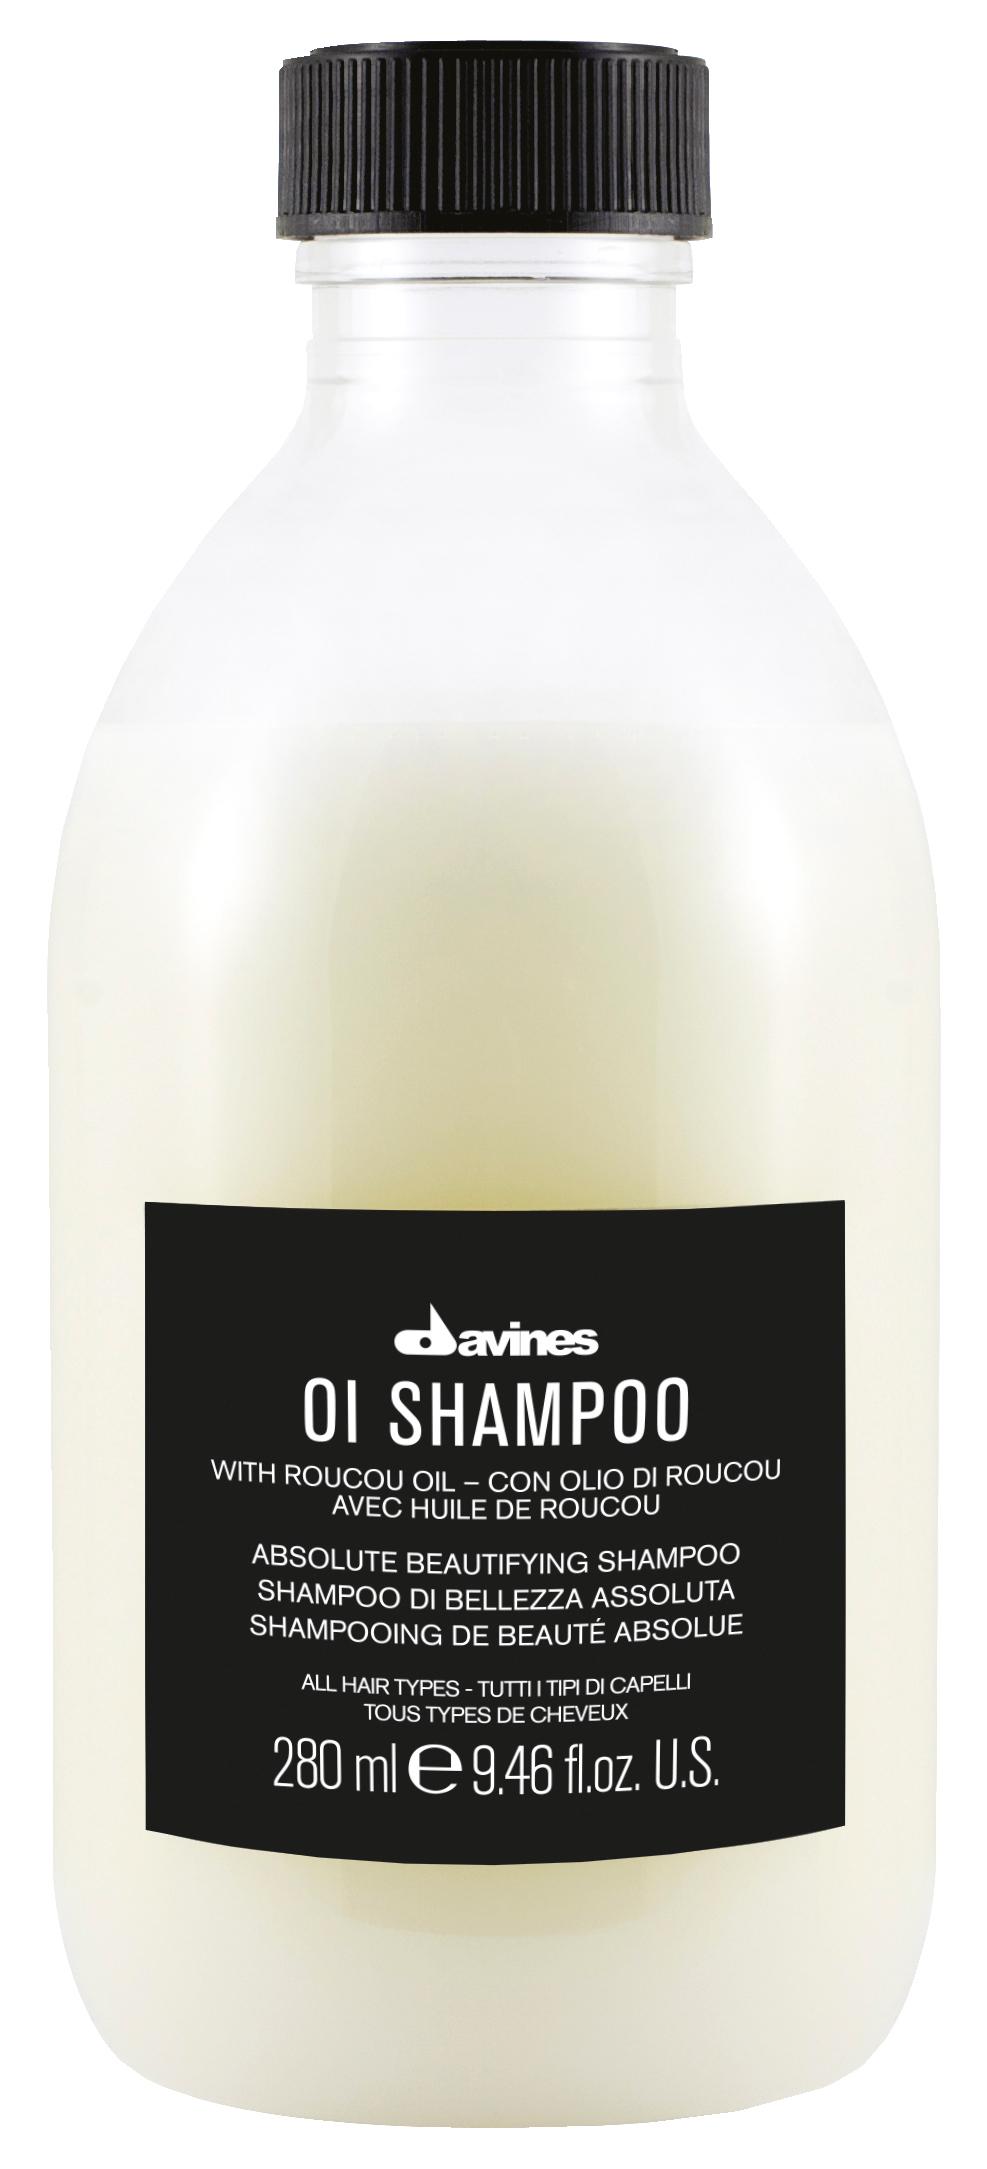 oi shampoo.jpg